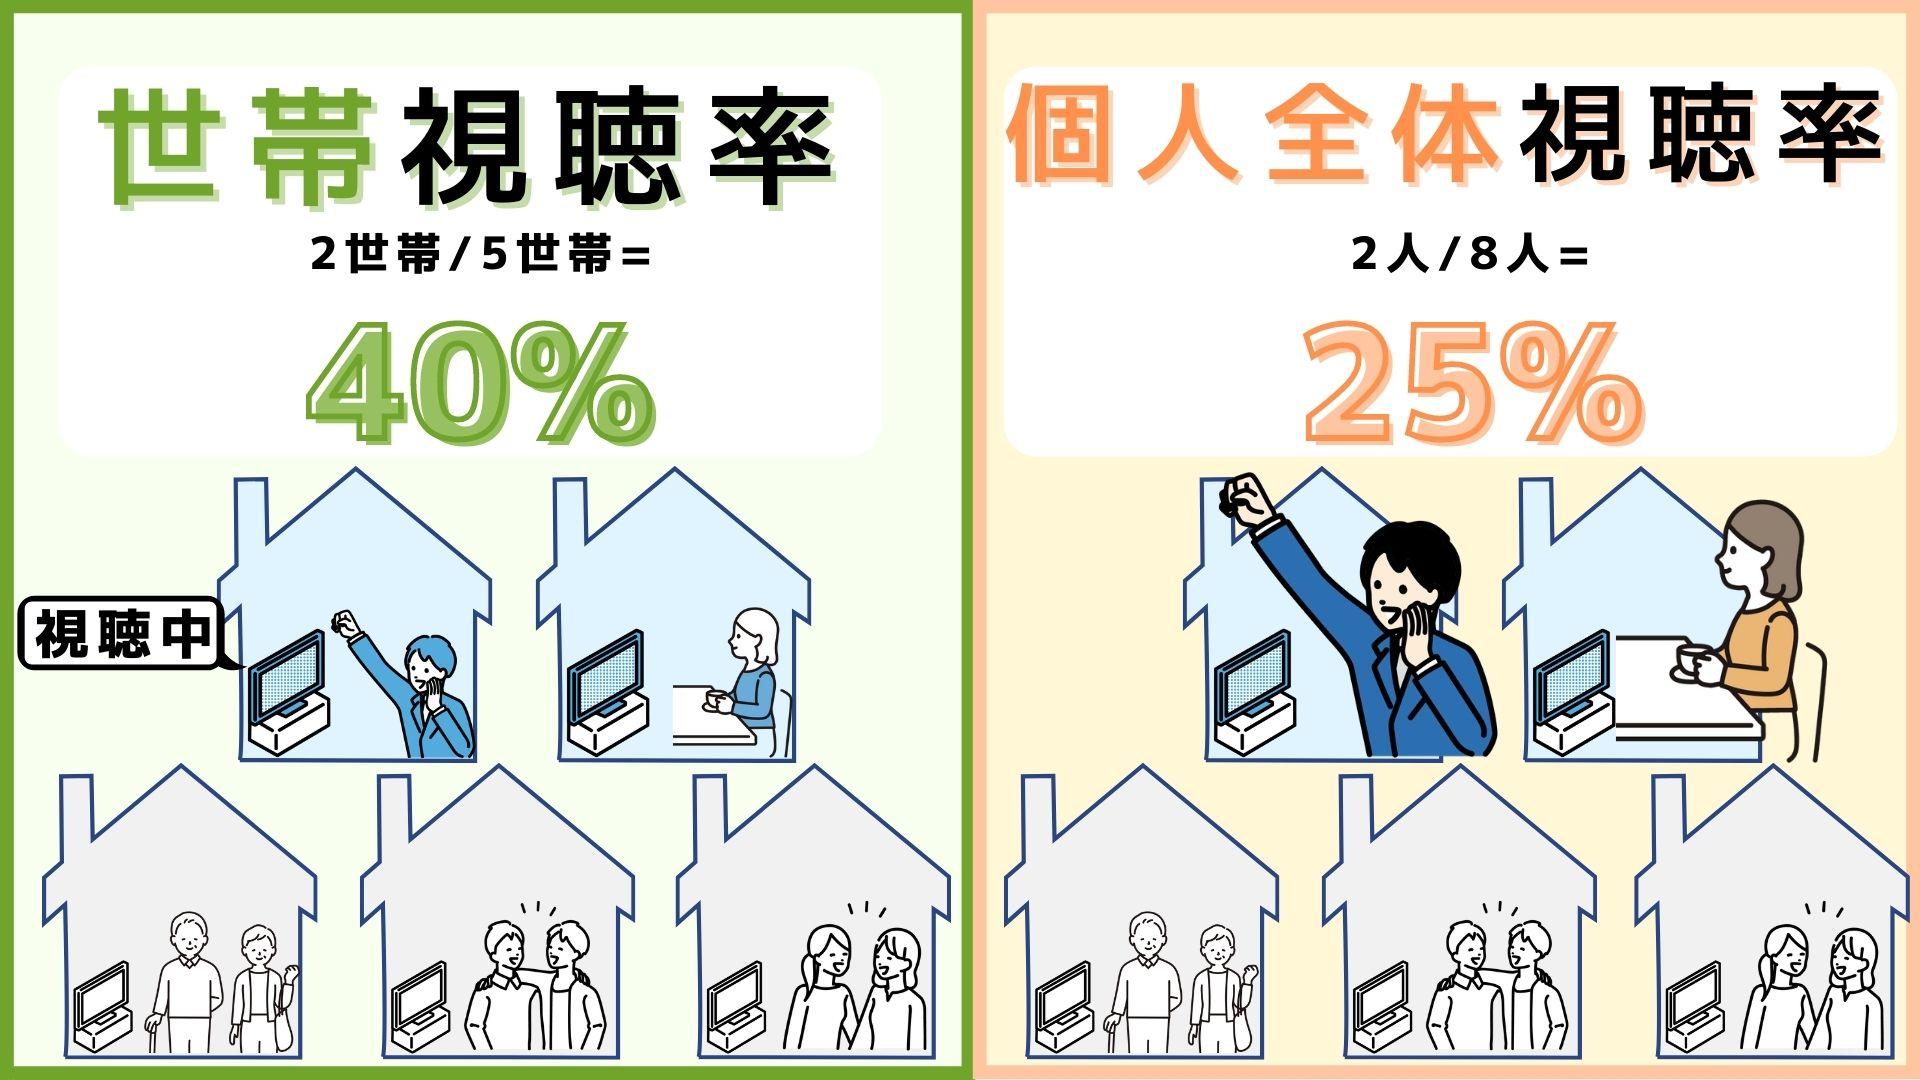 世帯視聴率 個人視聴率